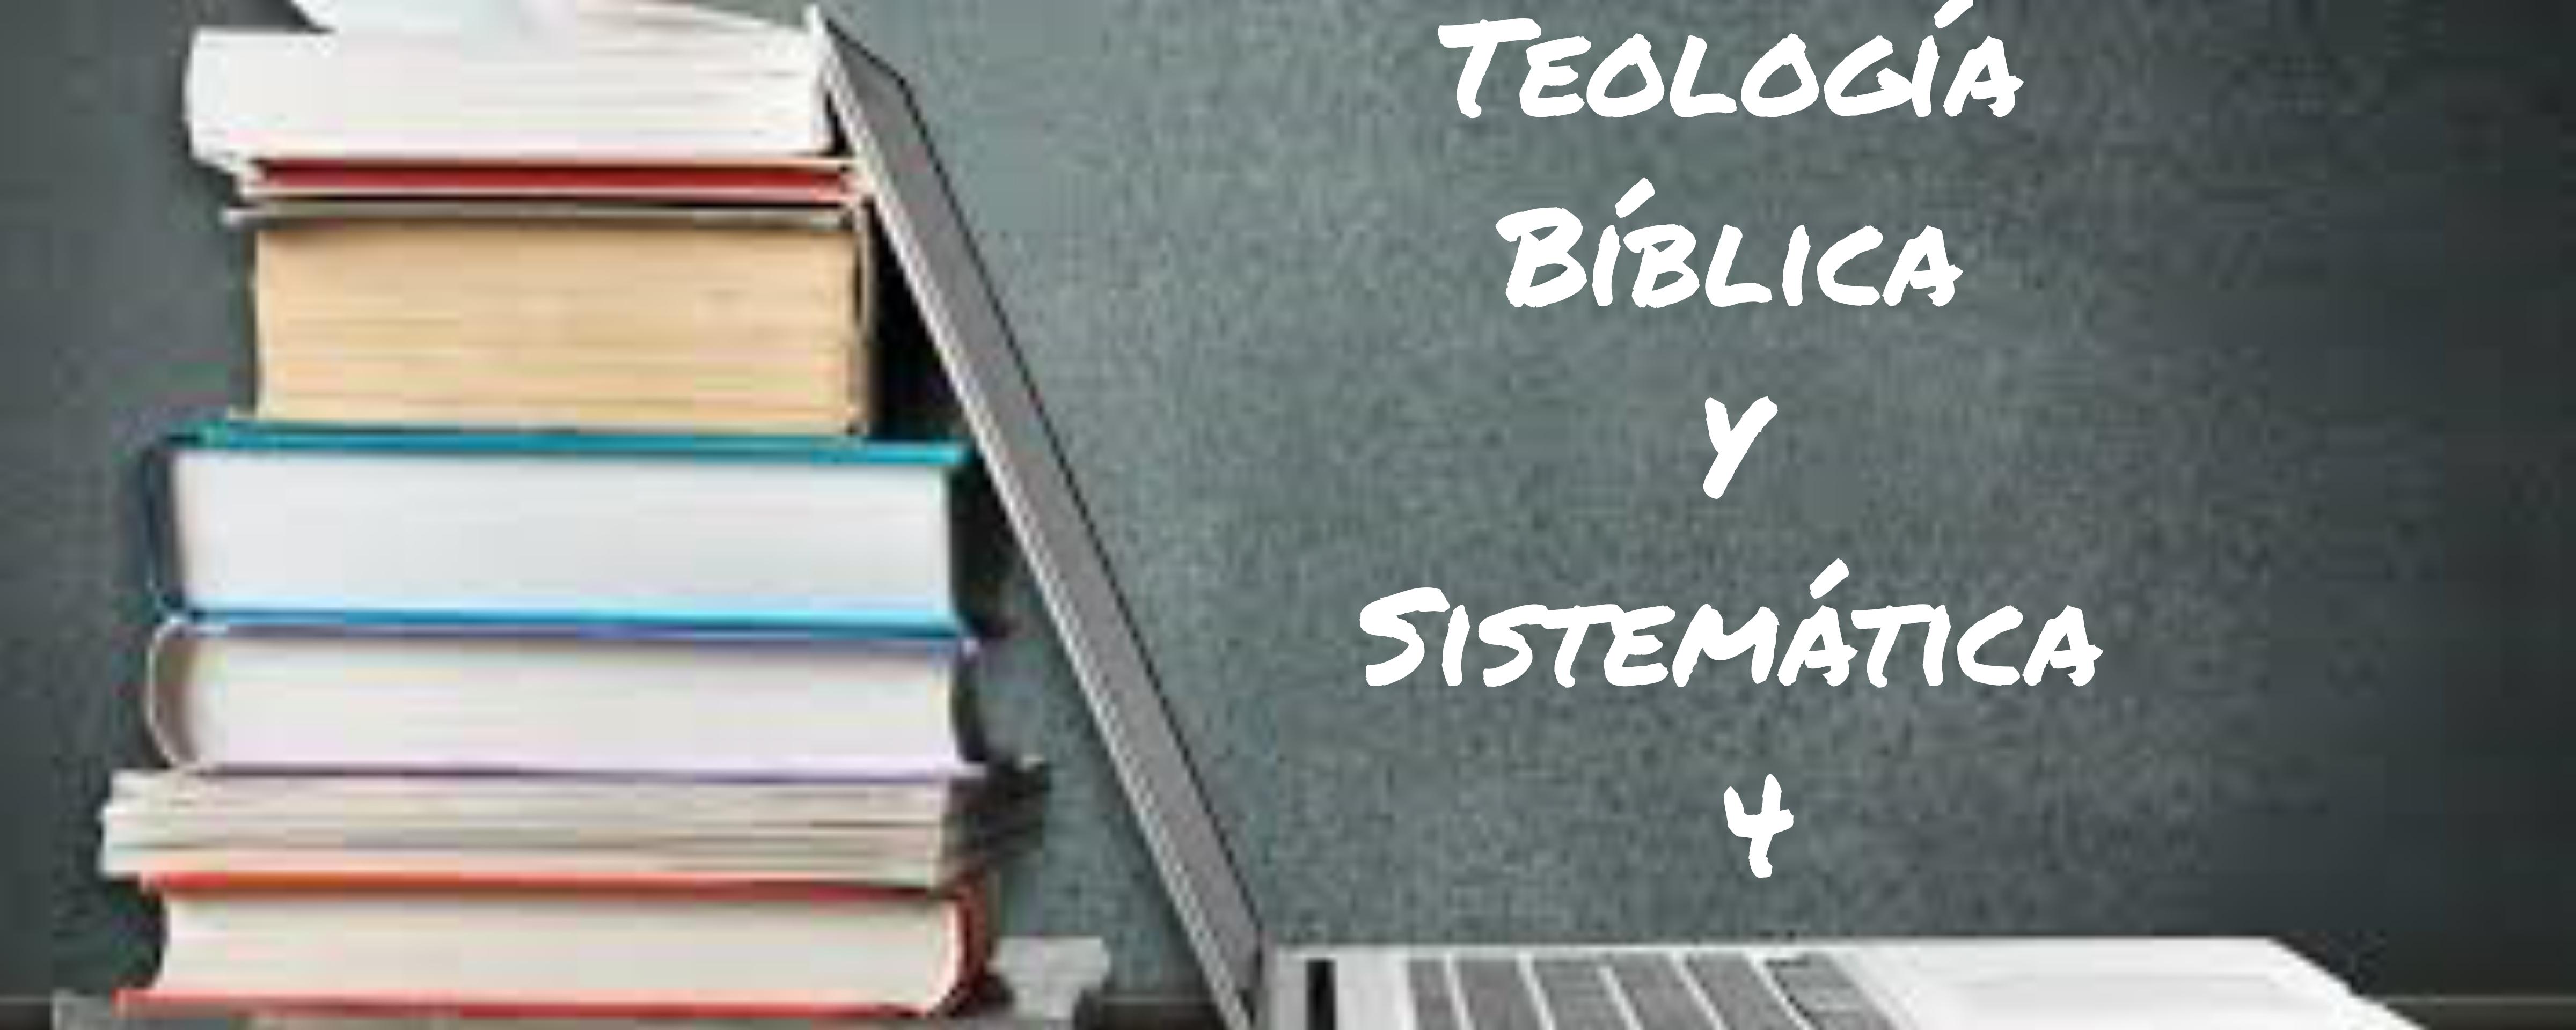 Teología Bíblica y Sistemática IV